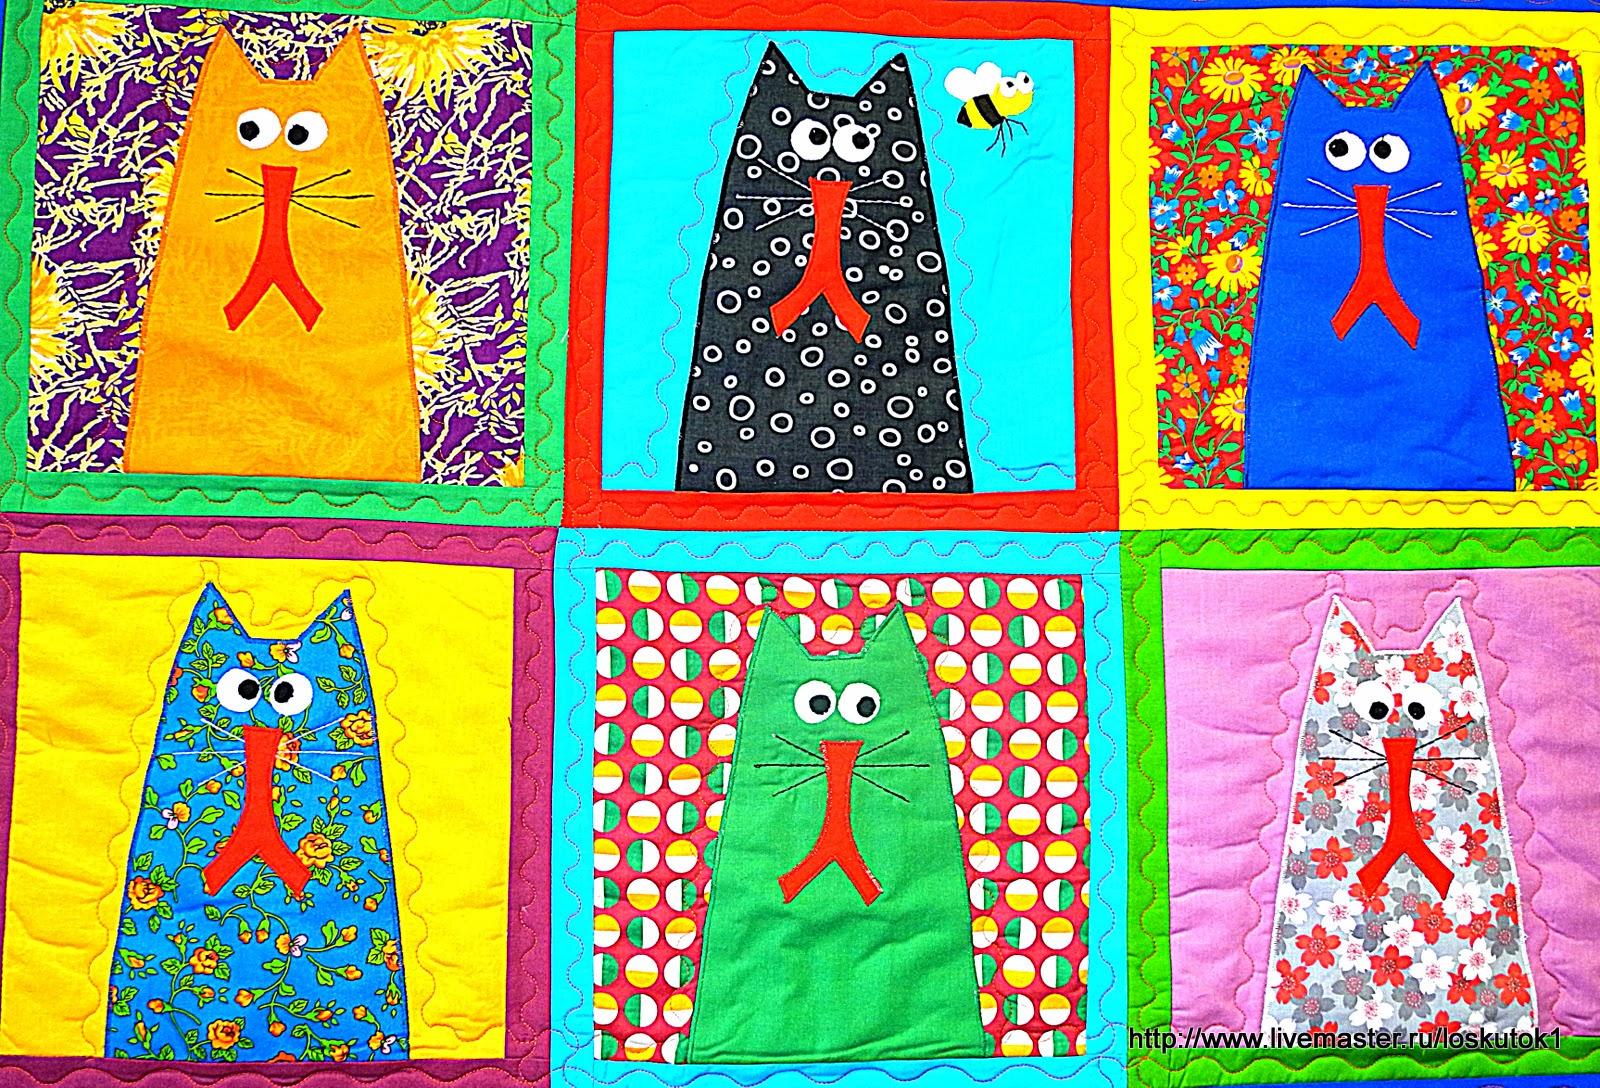 Купить лоскутное одеяло детское Купить пэчворк одеяло детское Куплю лоскутное покрывало детское Купить одеяло детское лоскутное Одеяло пэчворк детское куплю Лоскутное детское одеяло купить Кошка Кот Пэчворк покрывало купить Куплю пэчворк Пэчворк  купить Лоскутное шитье купить Купить покрывало в стиле пэчворк Квилтинг Аппликация Куплю покрывало пэчворк Одеяло пэчворк купить Купить лоскутное одеяло